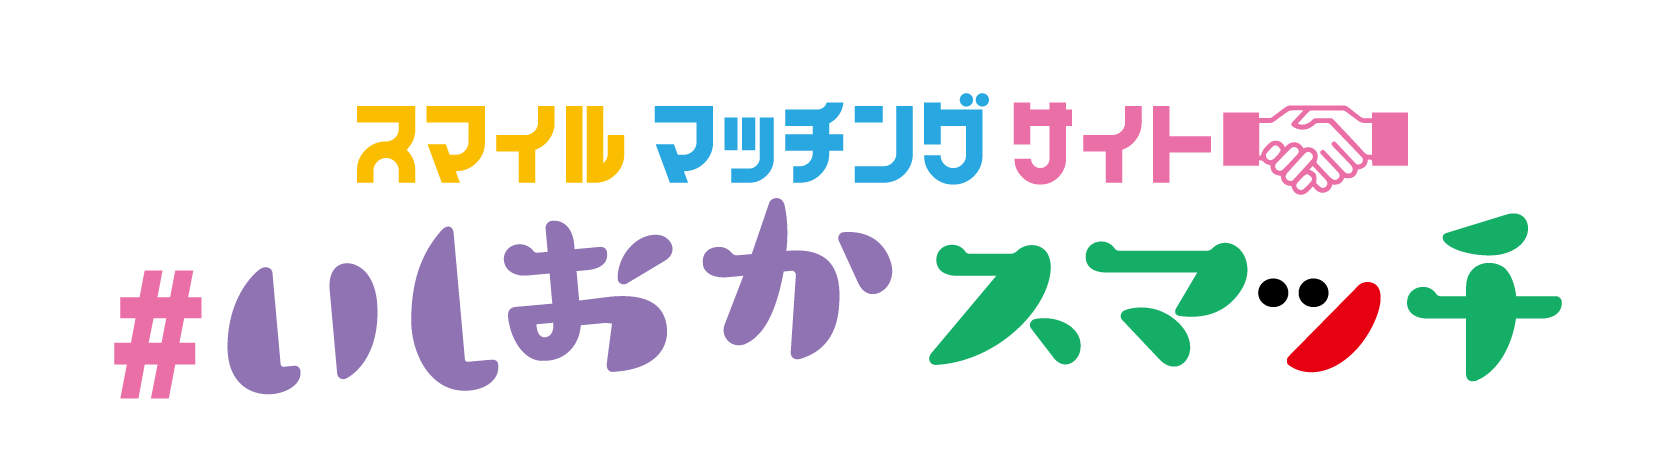 【#いしおかスマッチ】